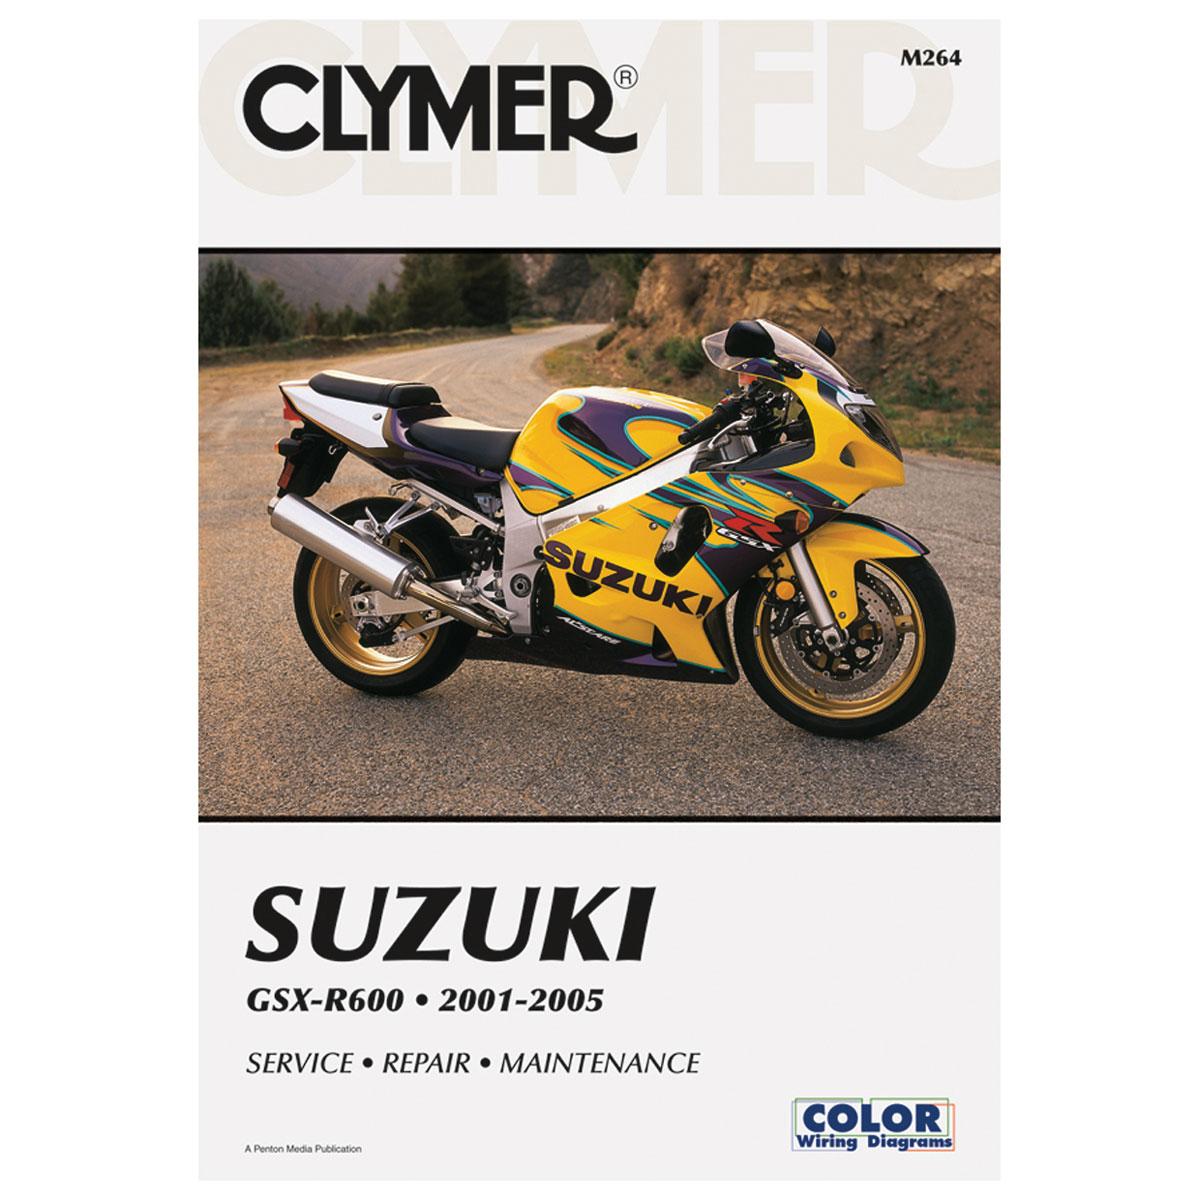 clymer suzuki motorcycle repair manual 181 2287 j p cycles rh jpcycles com Clymer Manuals Kawasaki Clymer Manuals Review